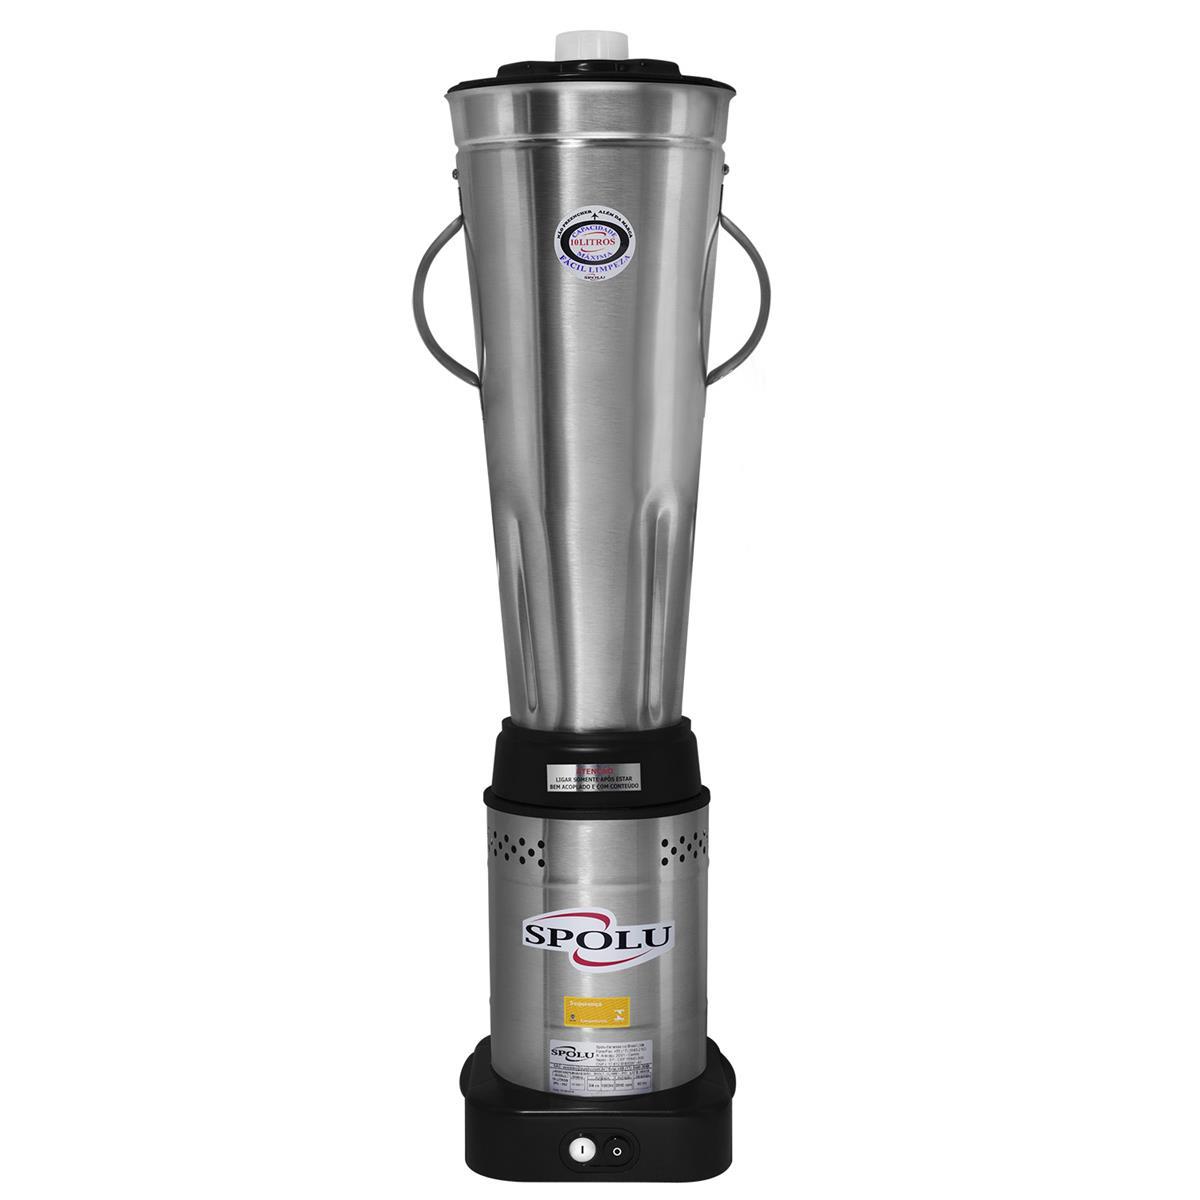 Liquidificador Industrial Baixa Rotação 10 Litros Spolu - SPL052